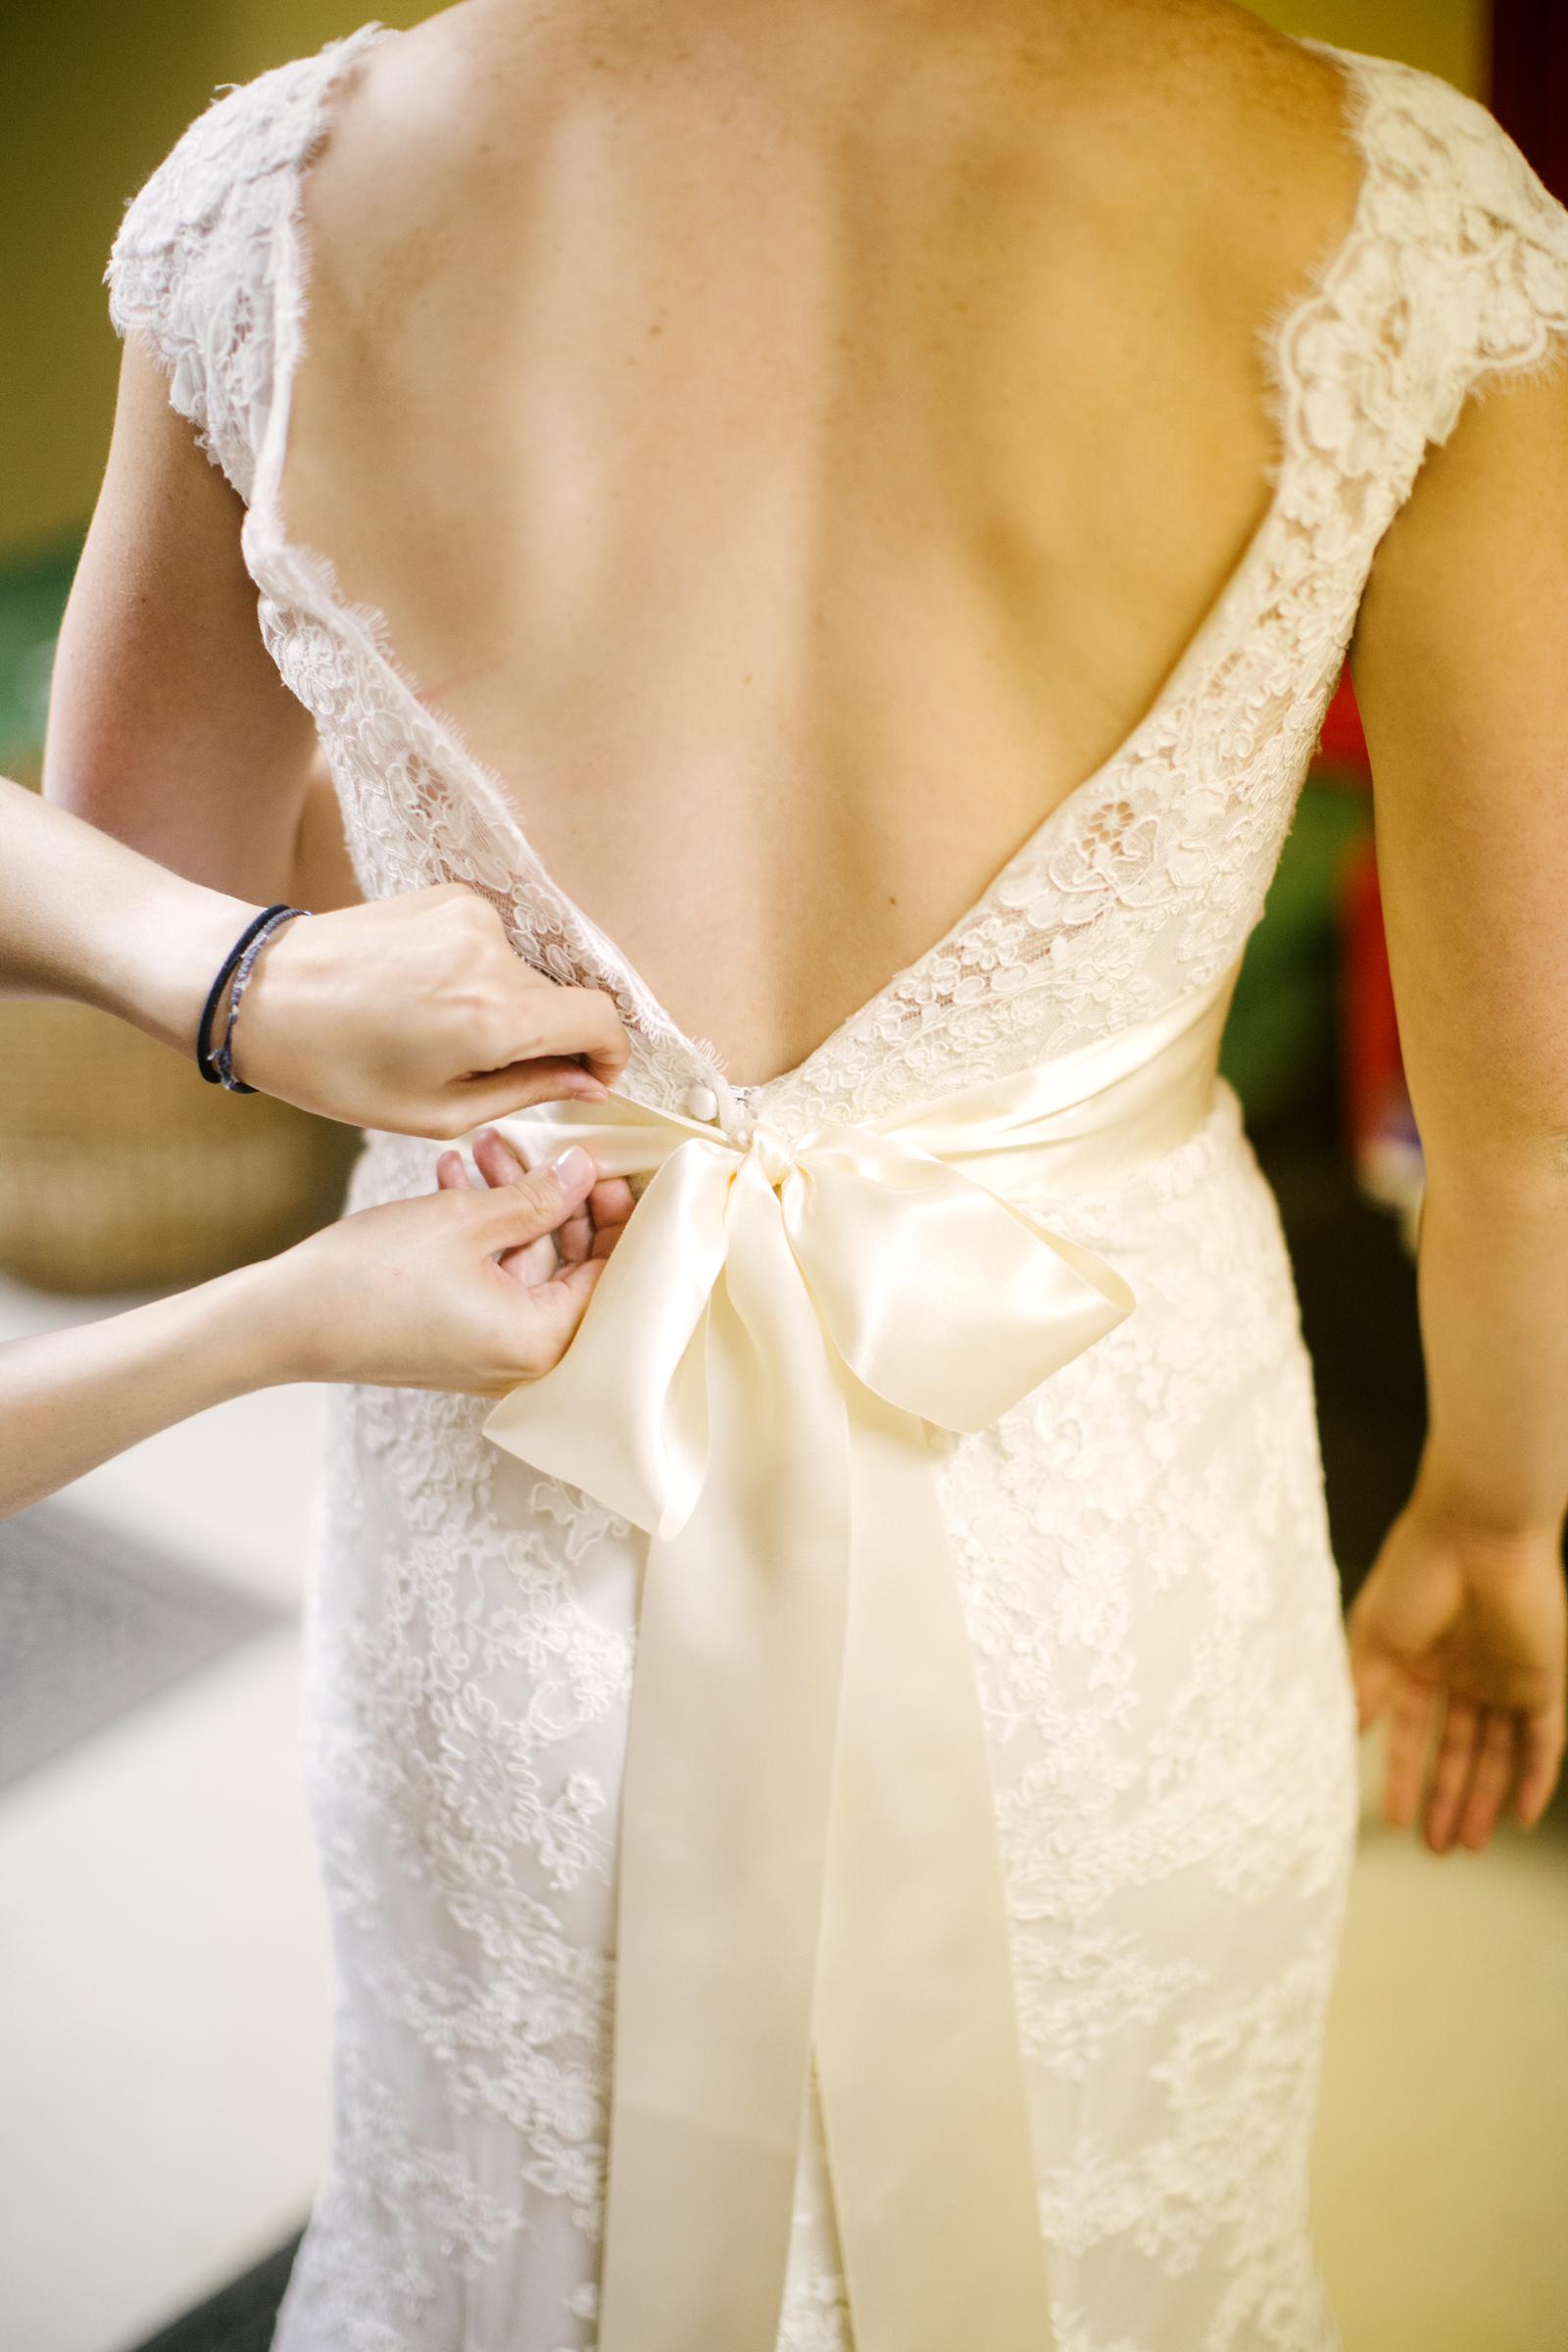 005-daronjackson-rich-wedding.jpg